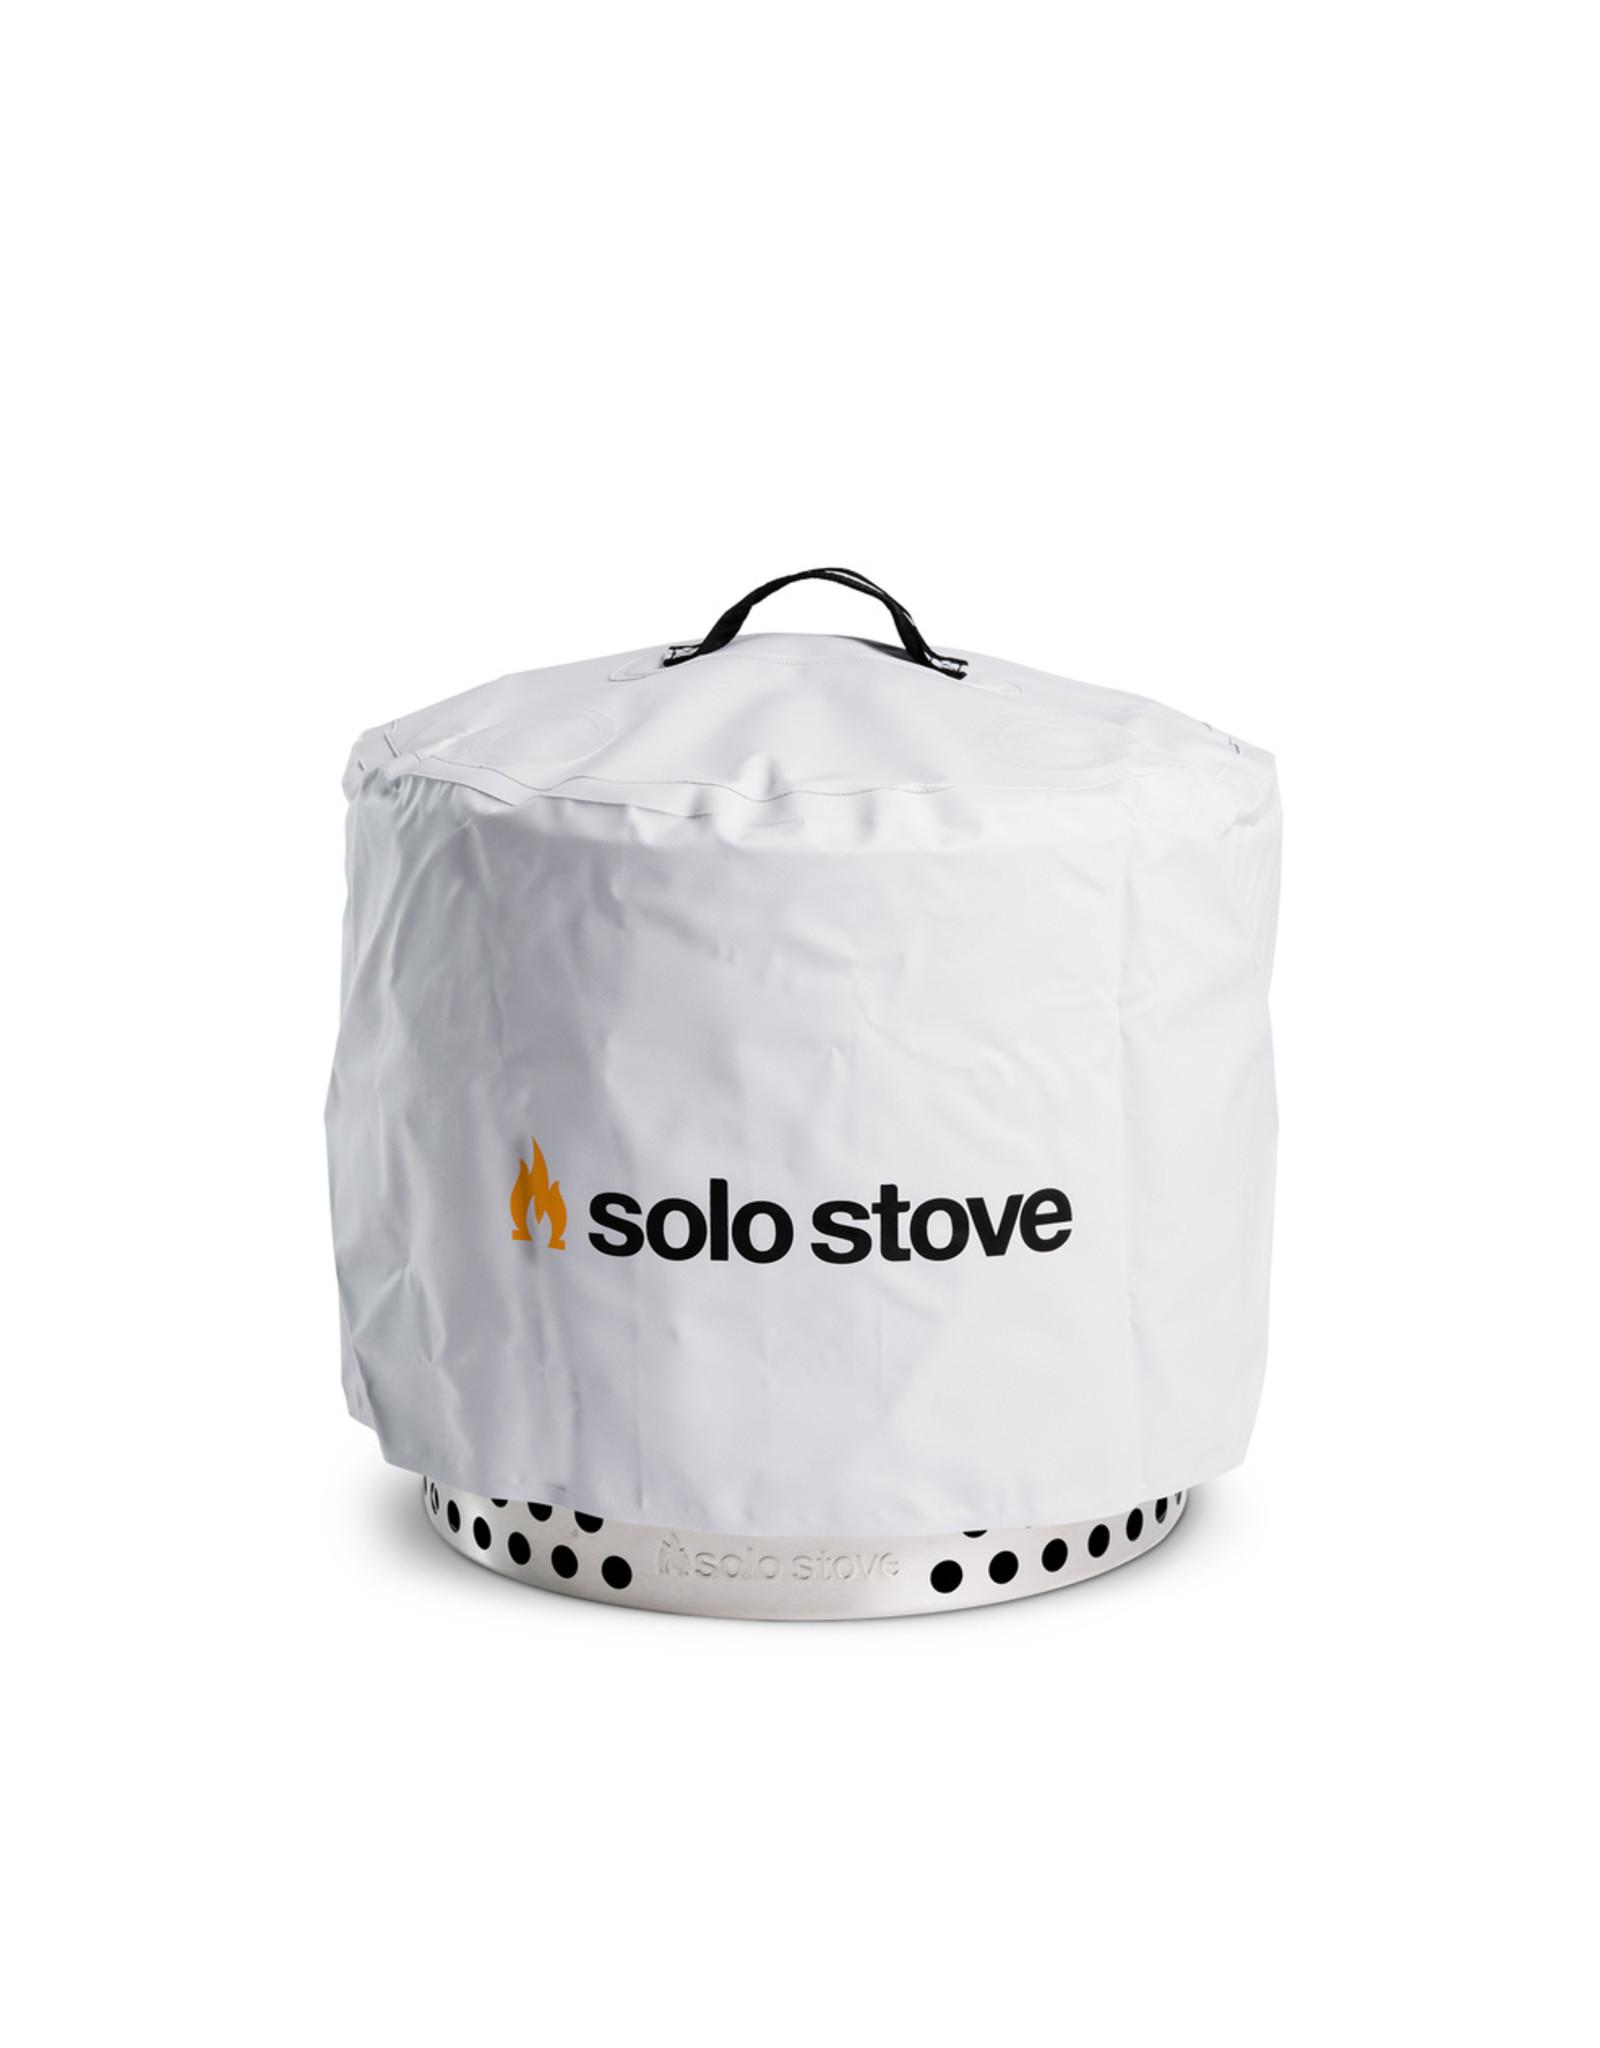 SOLO STOVE BONFIRE BACKYARD BUNDLE